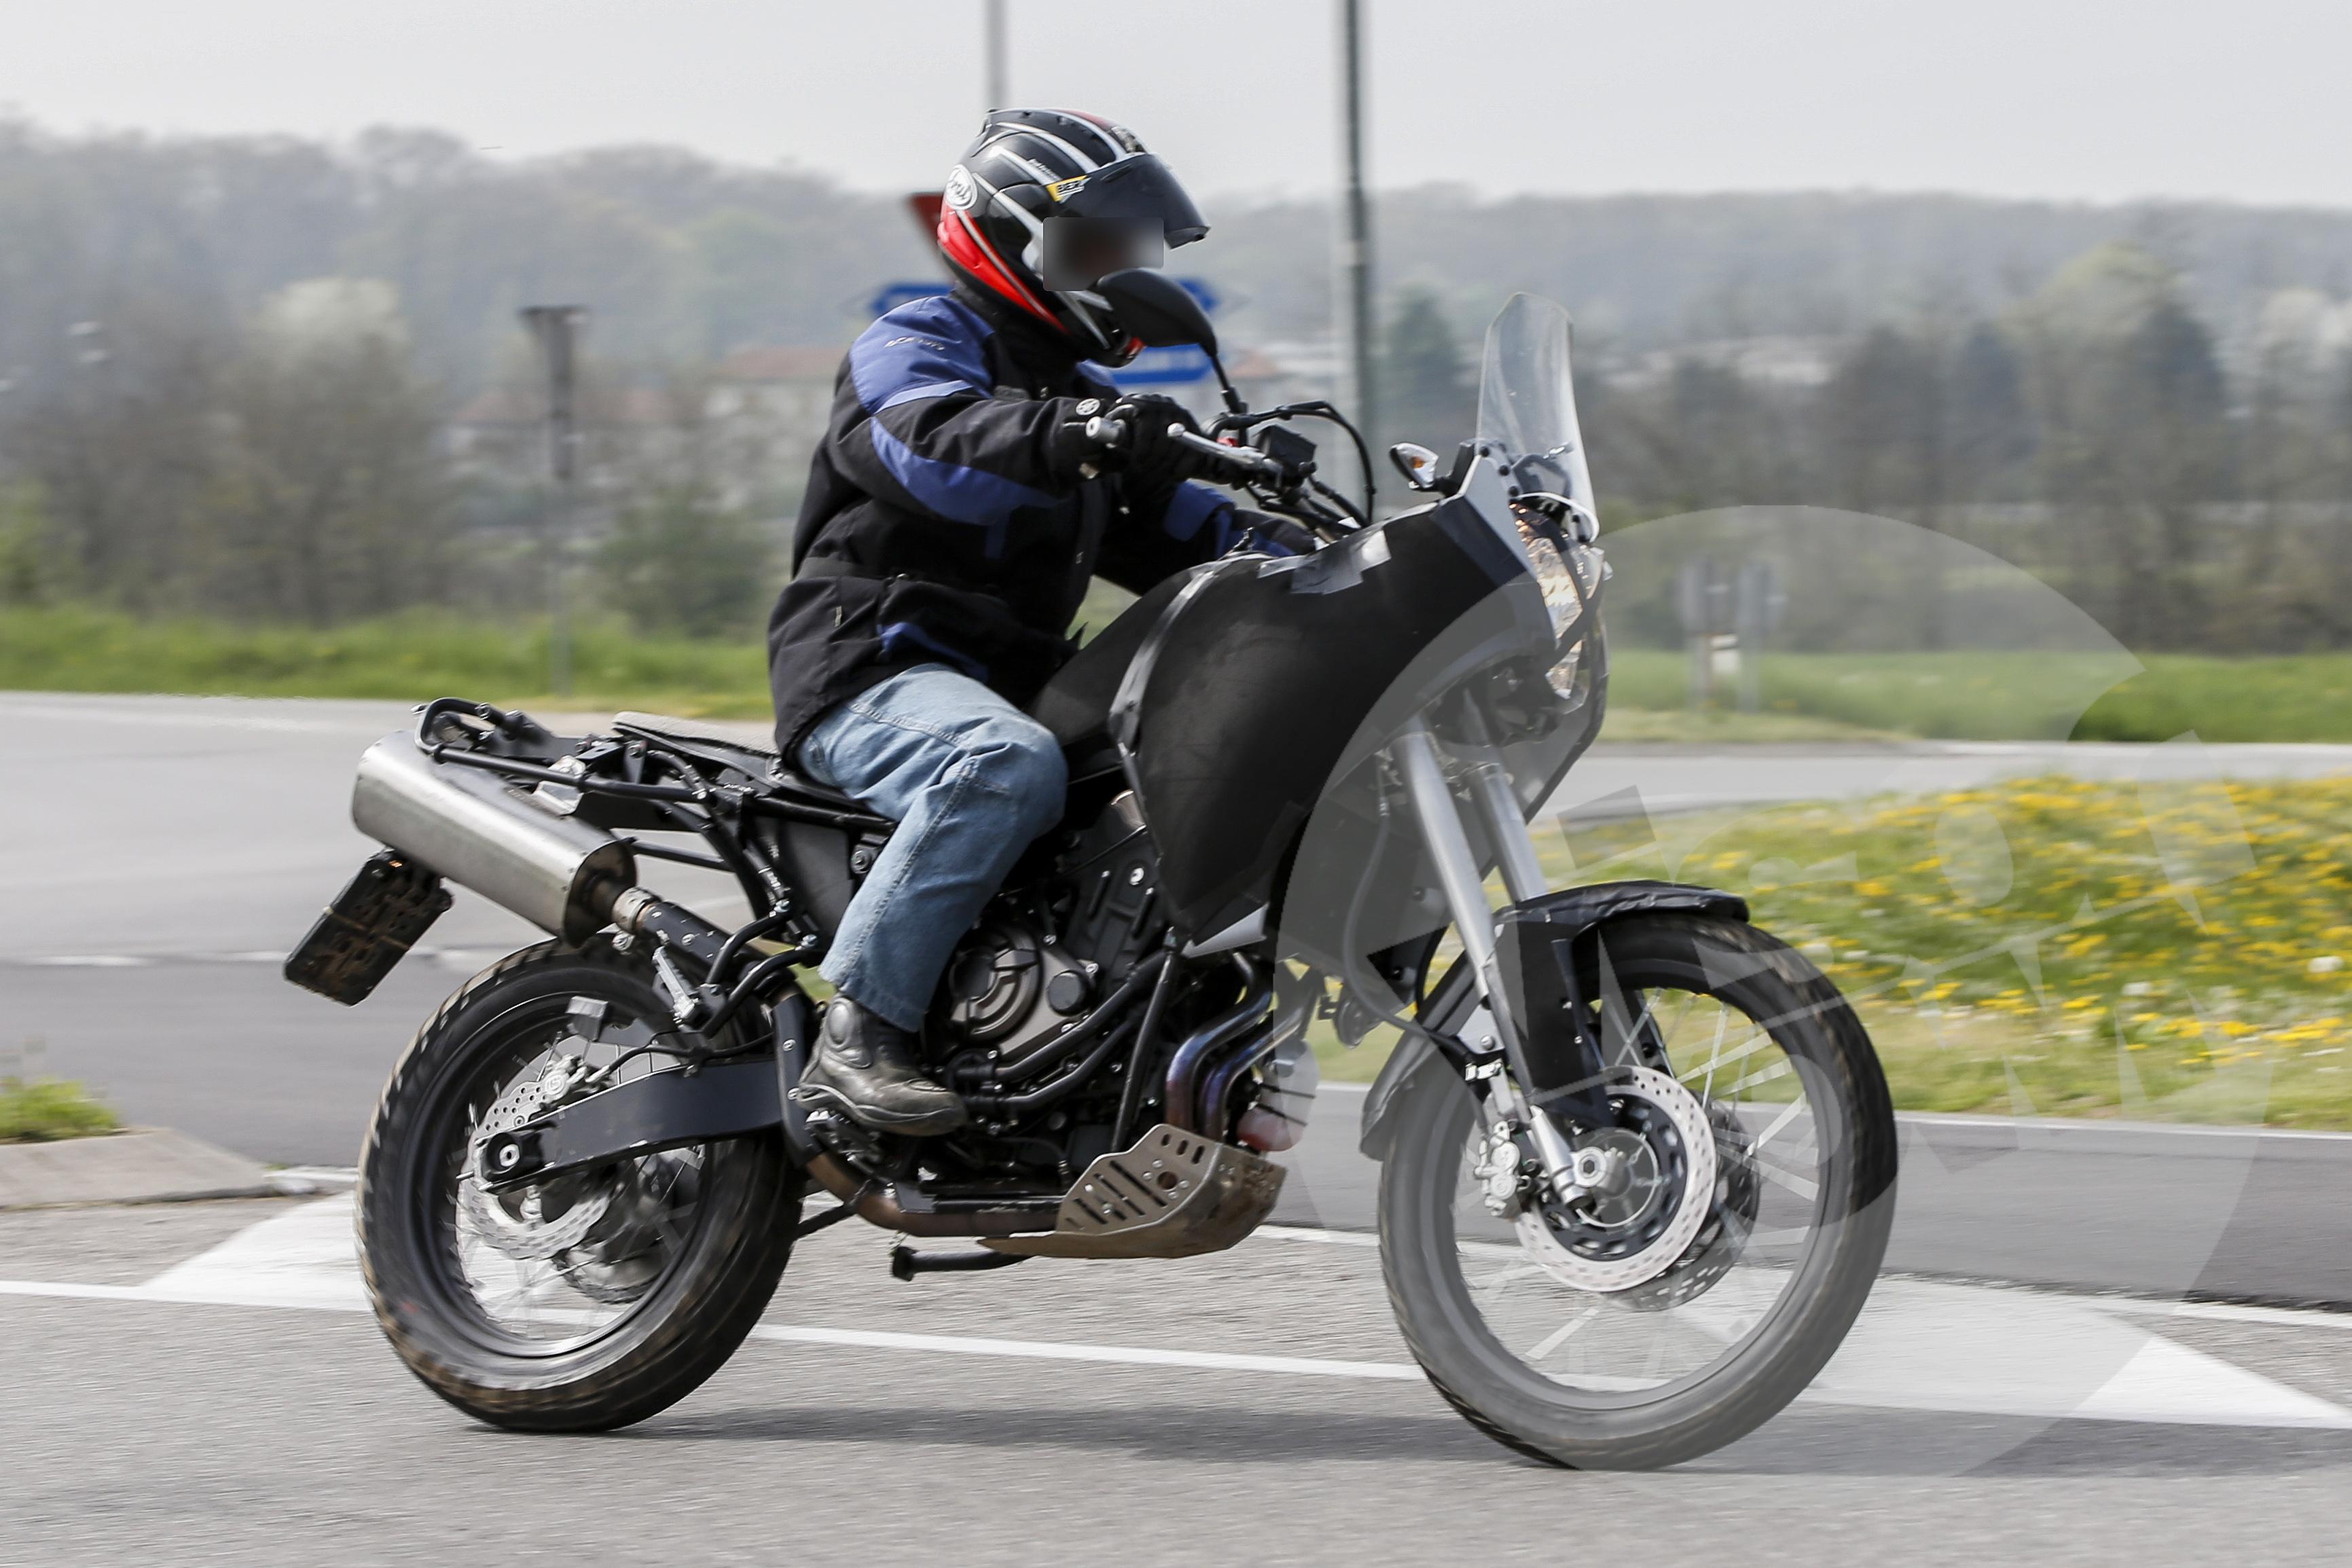 Une Nouvelle Yamaha T 233 N 233 R 233 700 Pour 2017 187 Acidmoto Ch